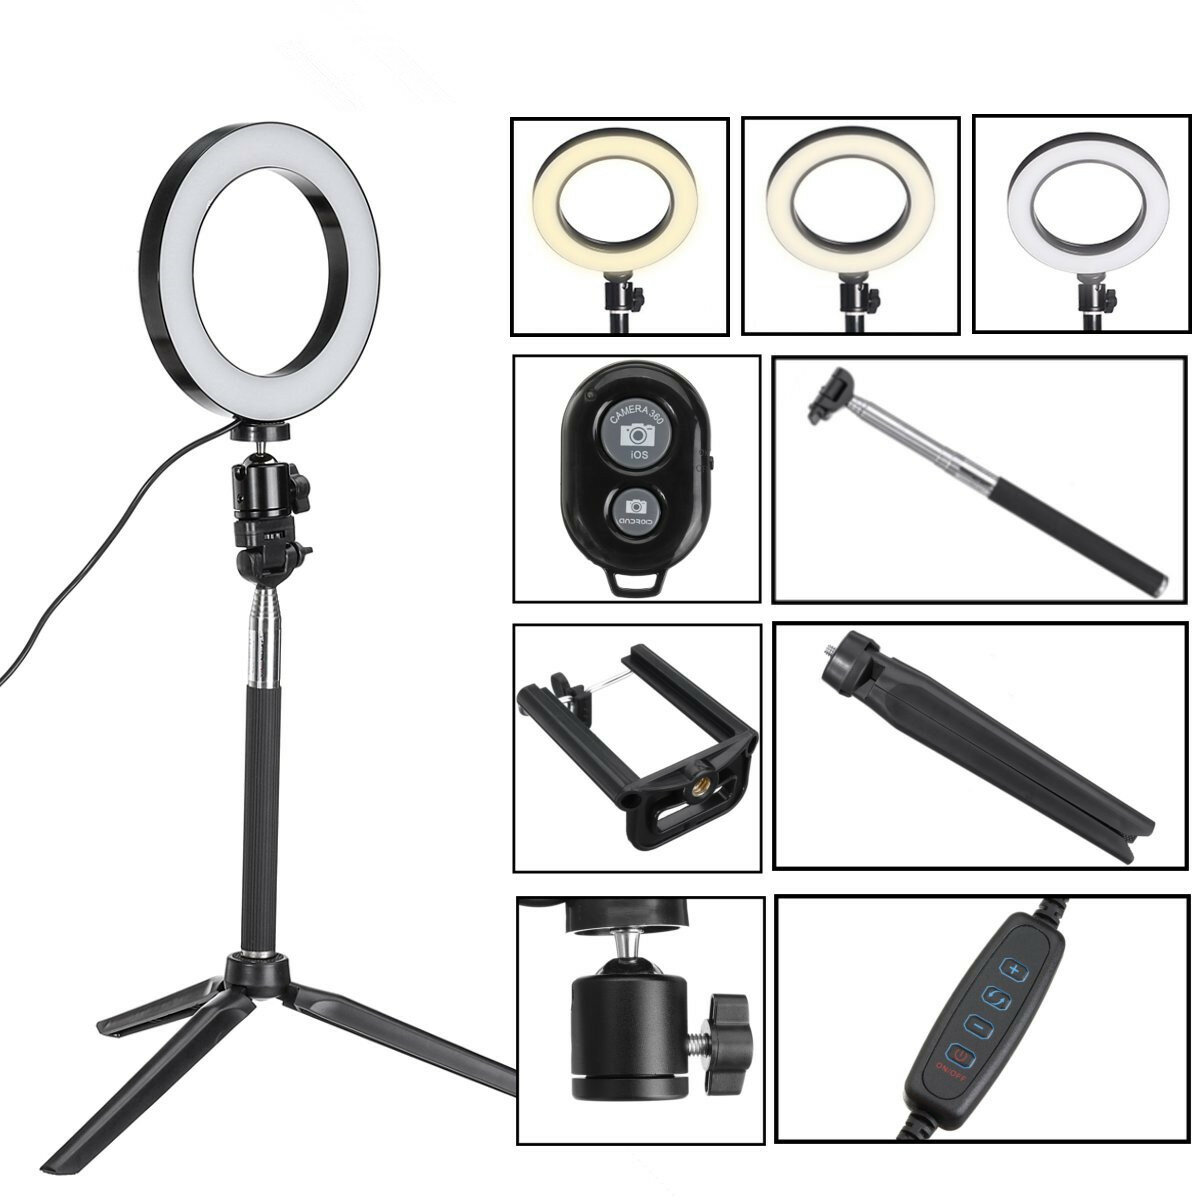 Bluetooth-Stativ Selfie-Stick mit LED-Ringfülllicht mit Standfußbeleuchtung Satz für Telefonkamera